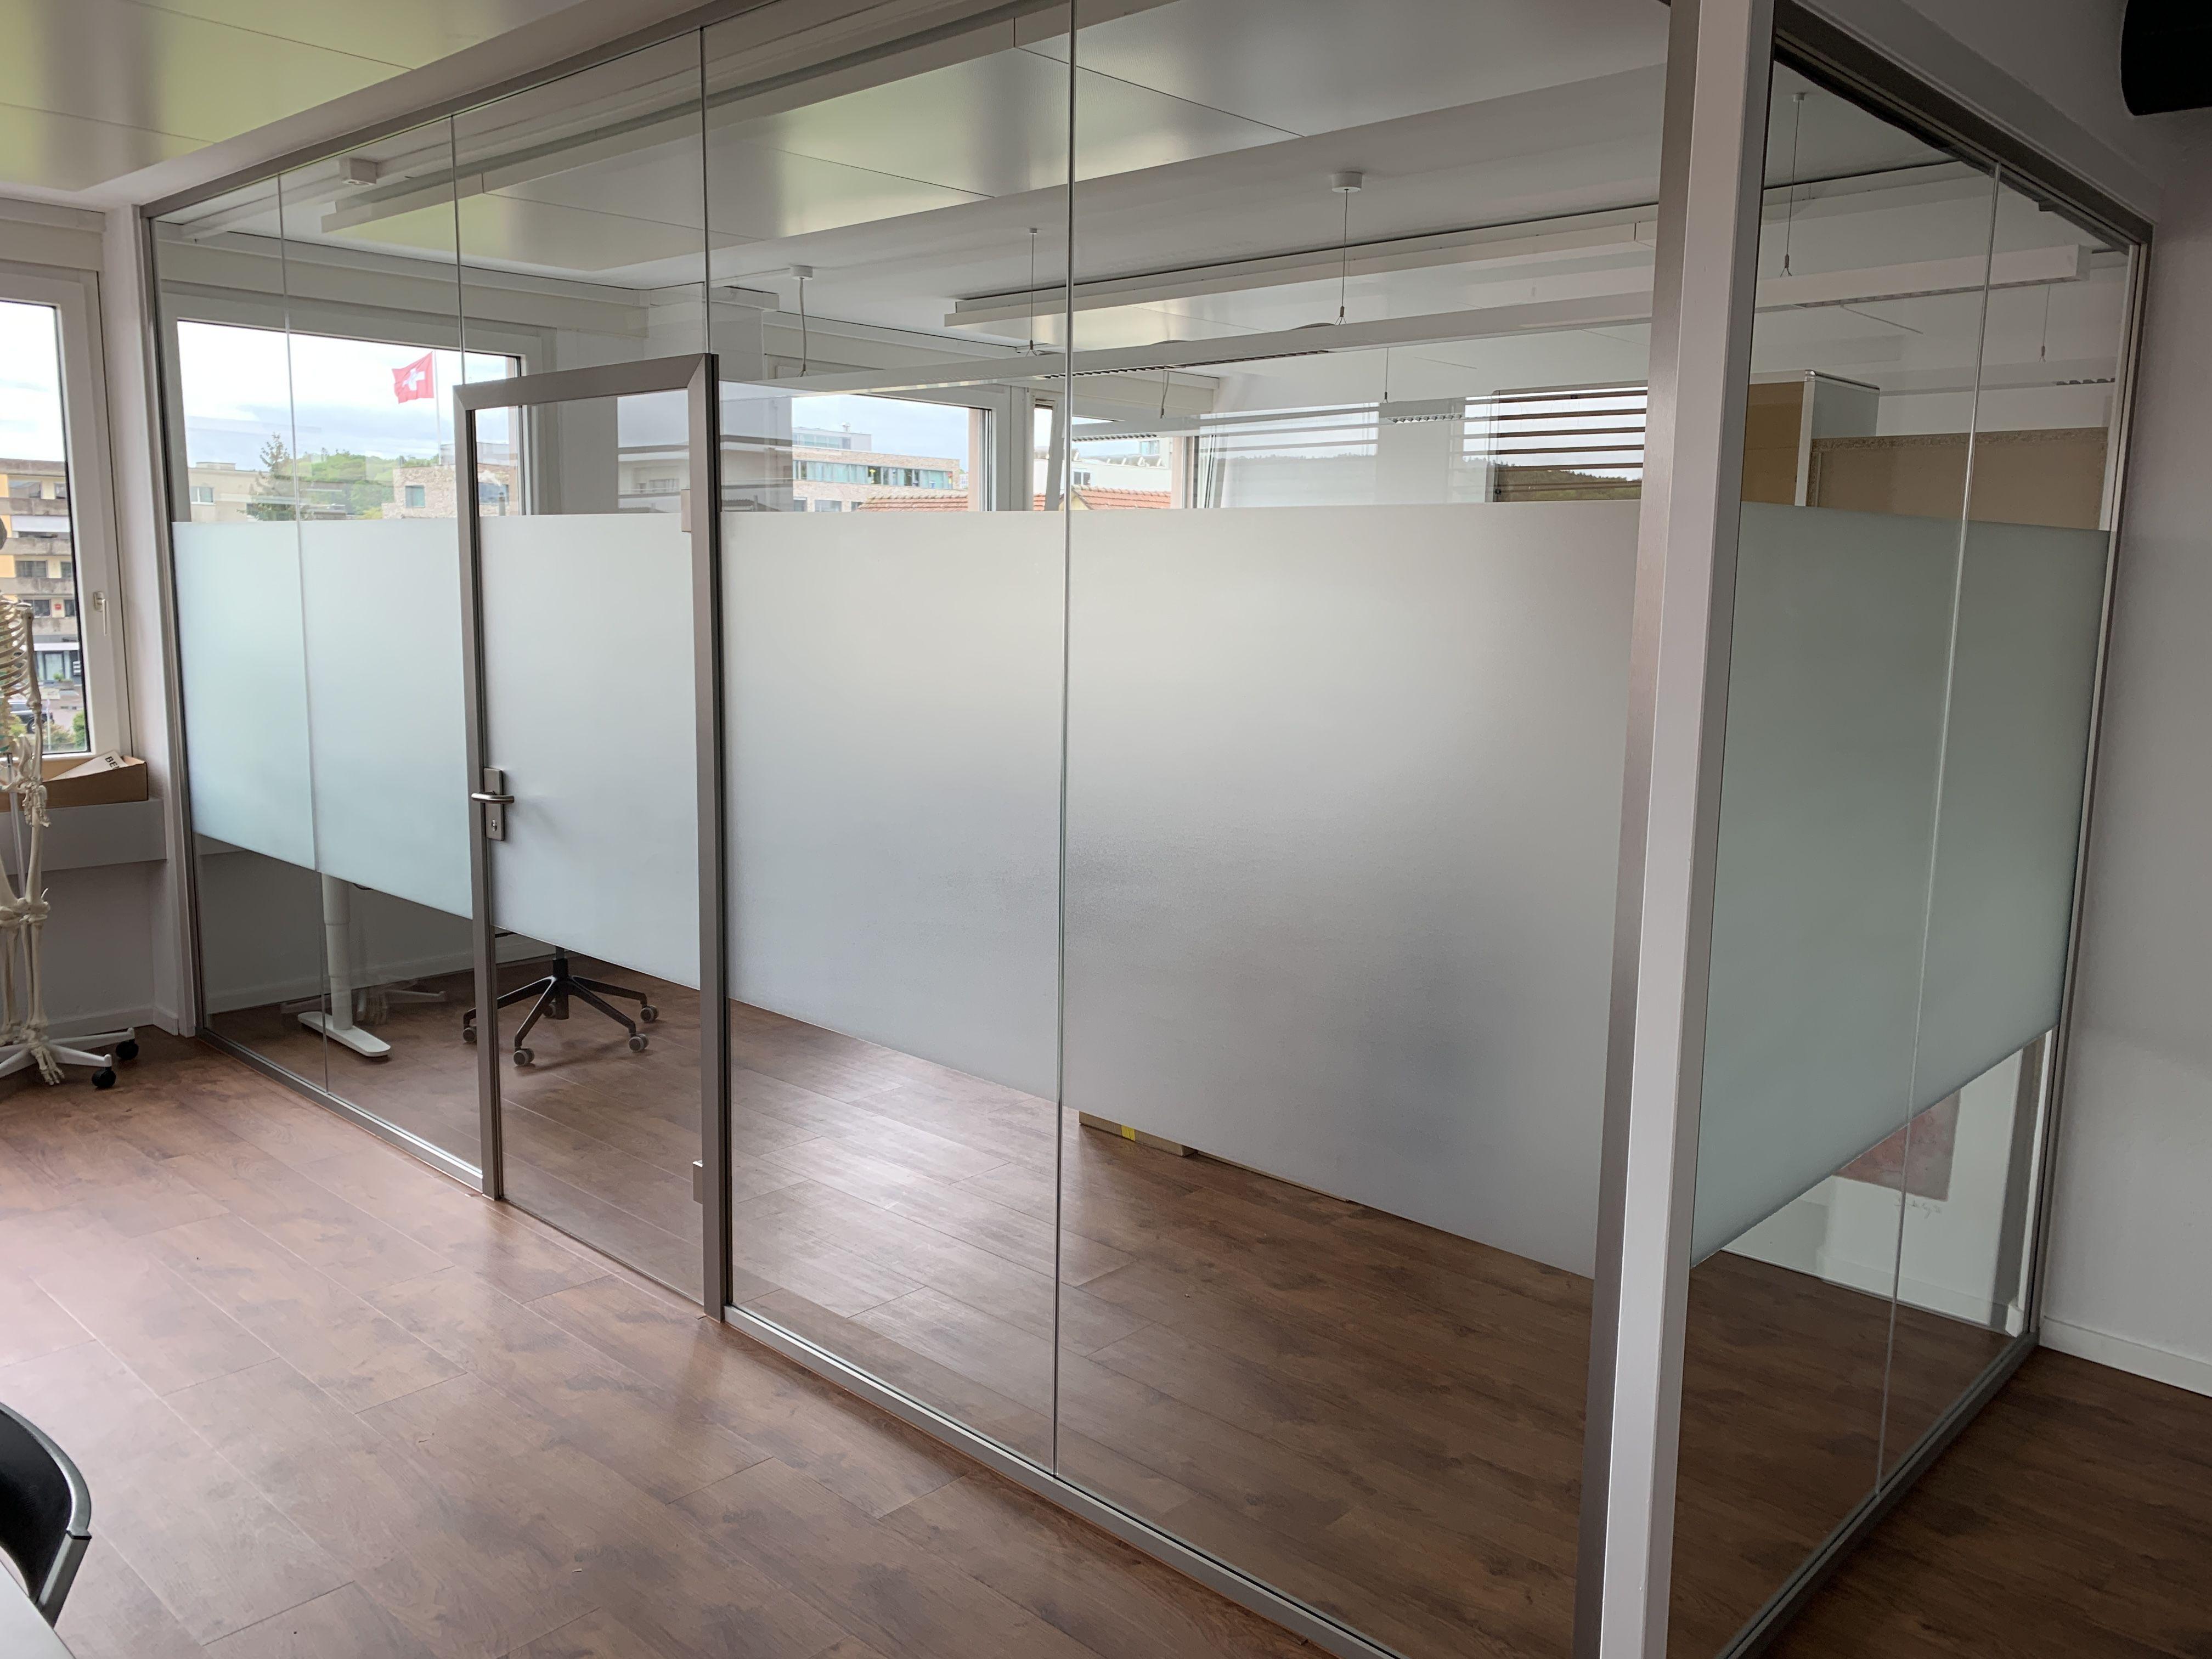 Sichtschutzfolien In 2020 Sichtschutzfolie Zimmer Folie